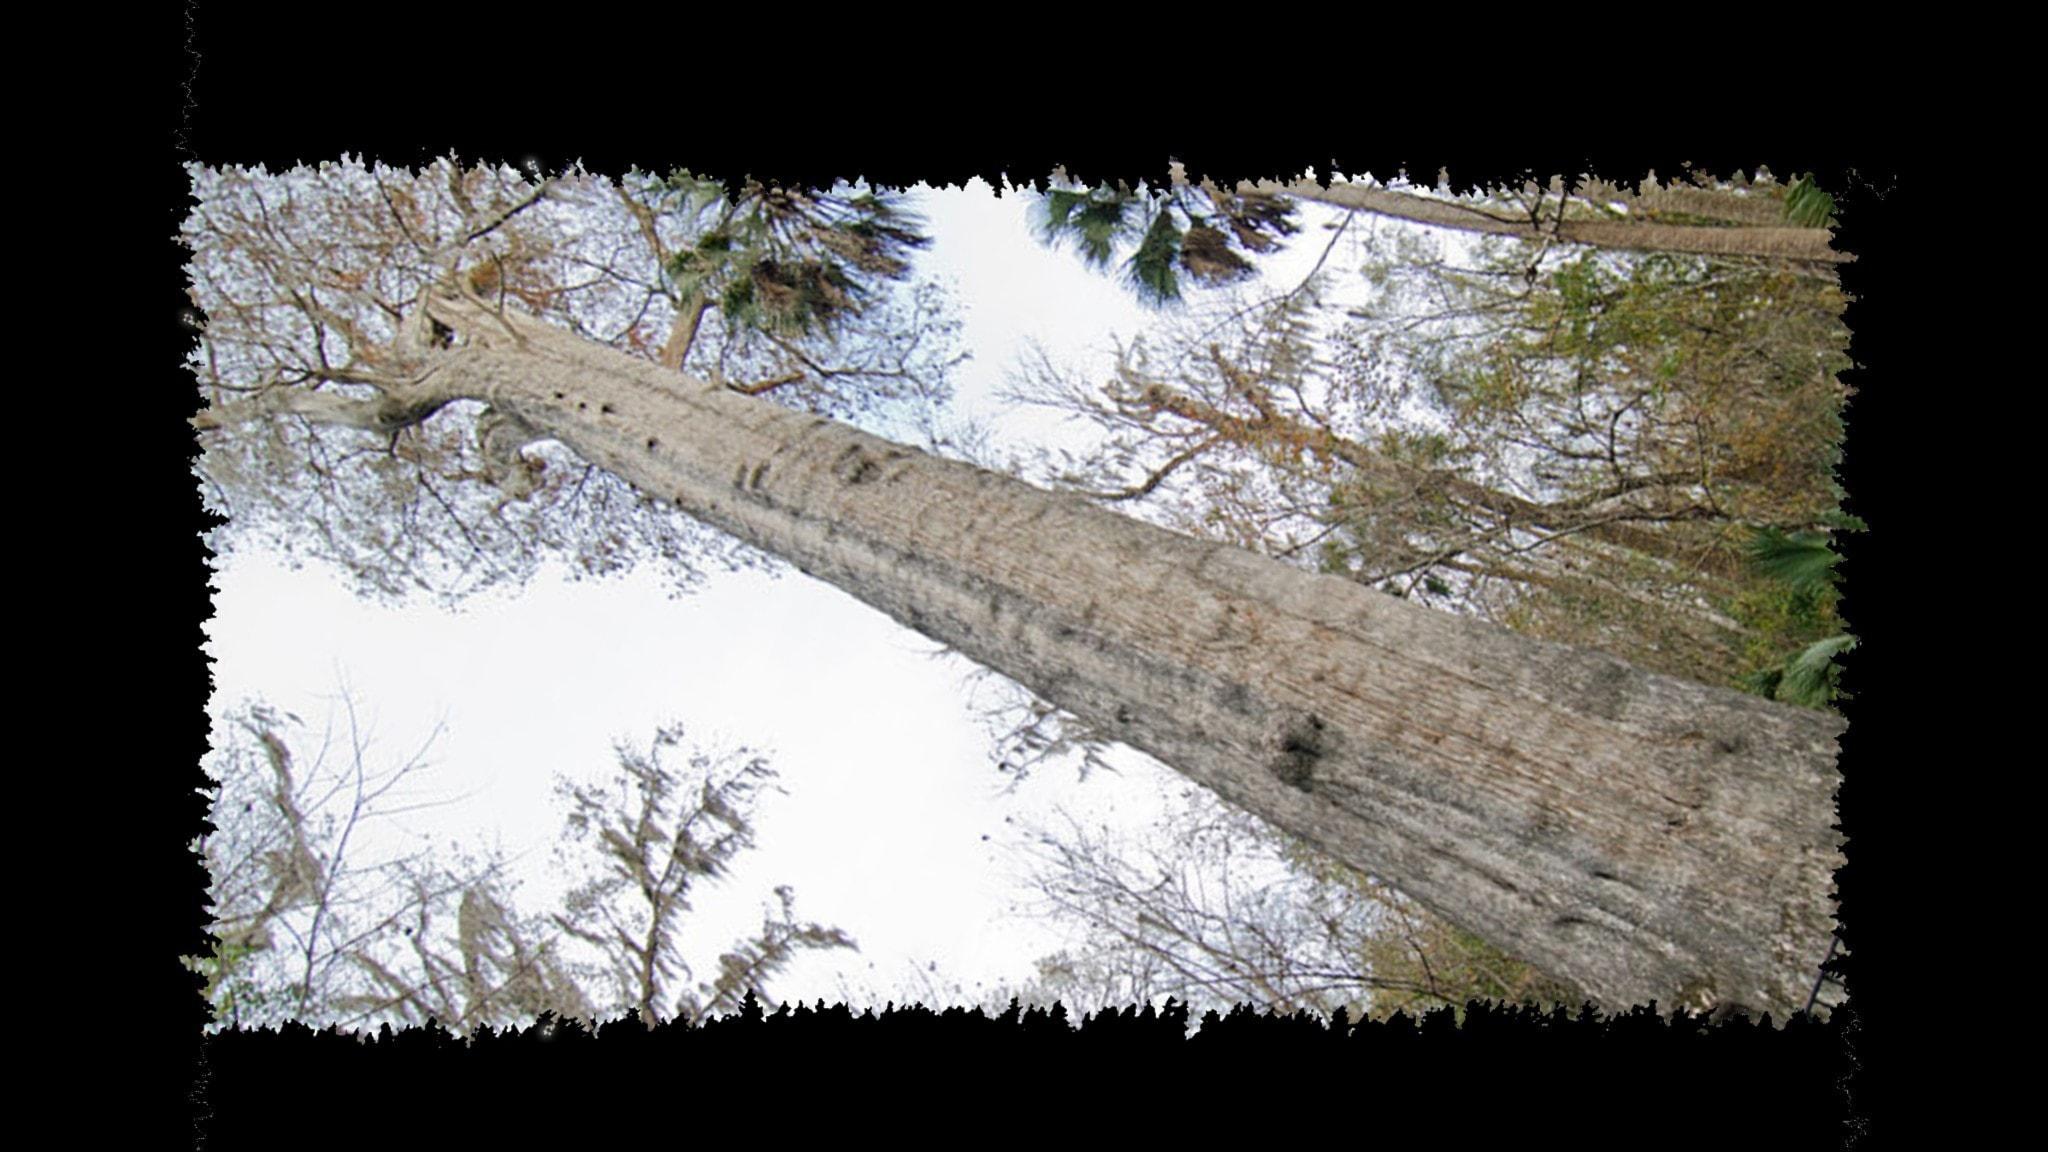 Träd 4: Sumpcypressens ögonblick gör människan gåtfull